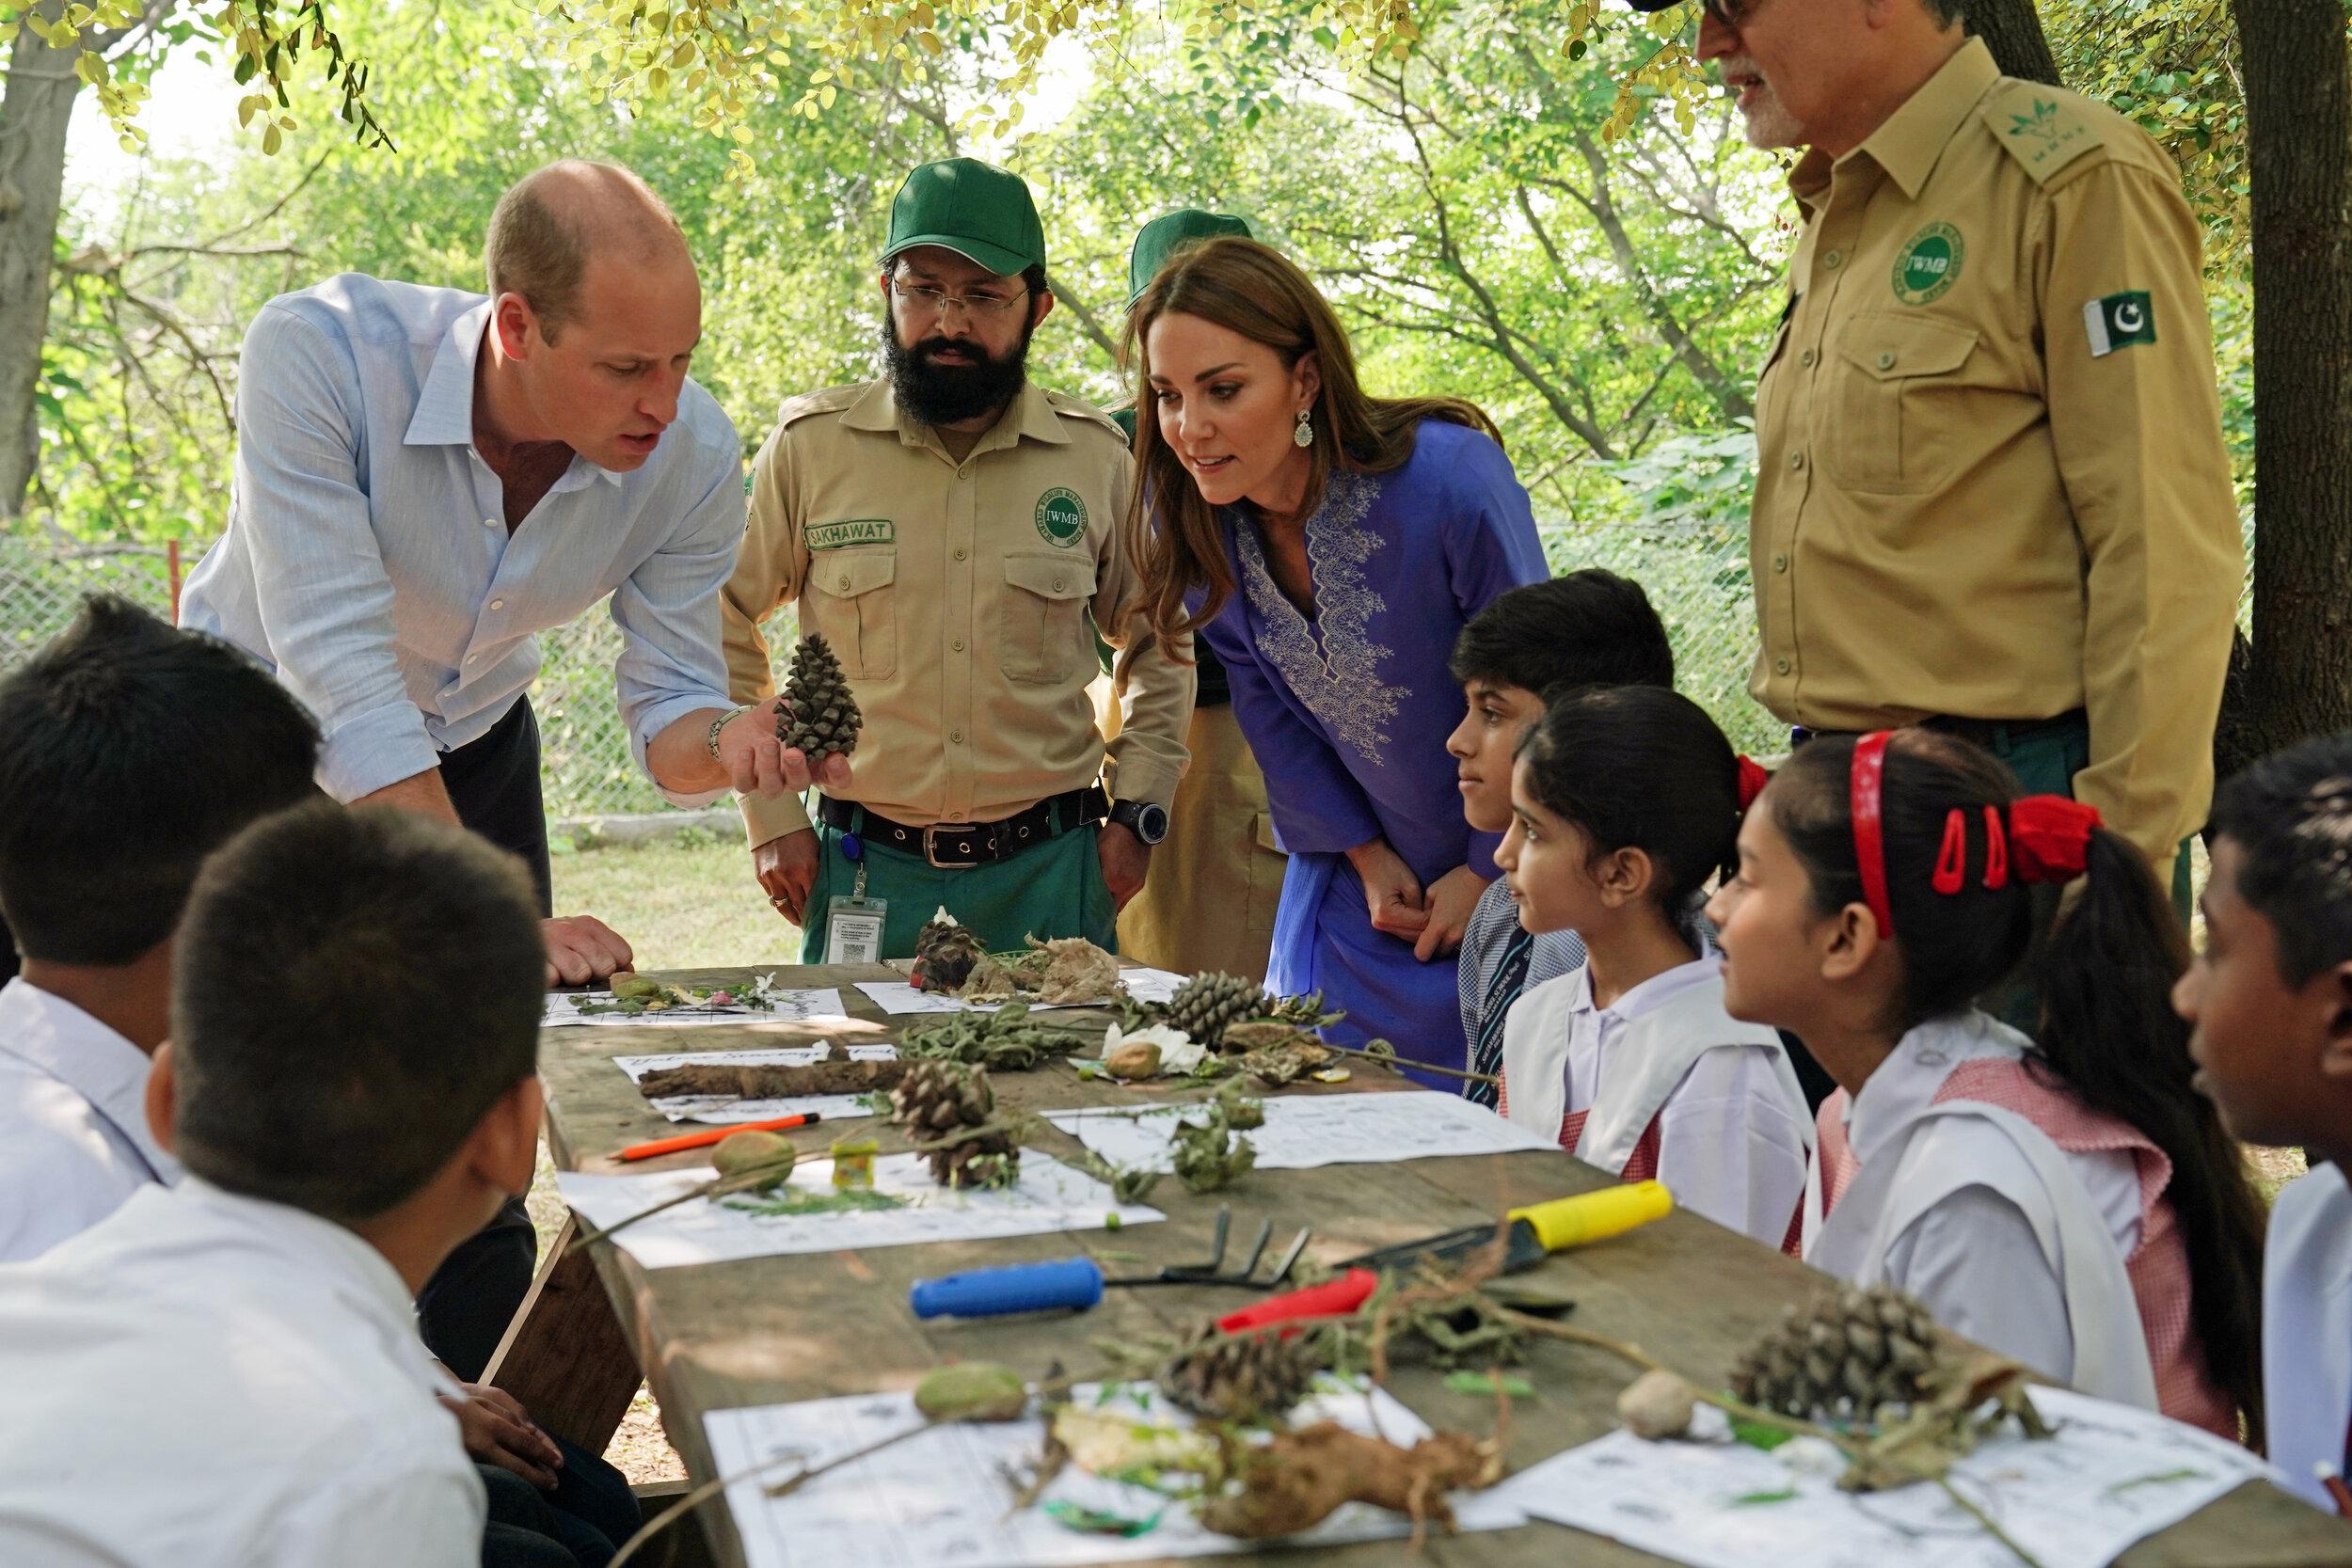 An Tag zwei besuchen Herzogin Kate und Prinz William eine Schule in den Margallah Hills.  © picture alliance / empics